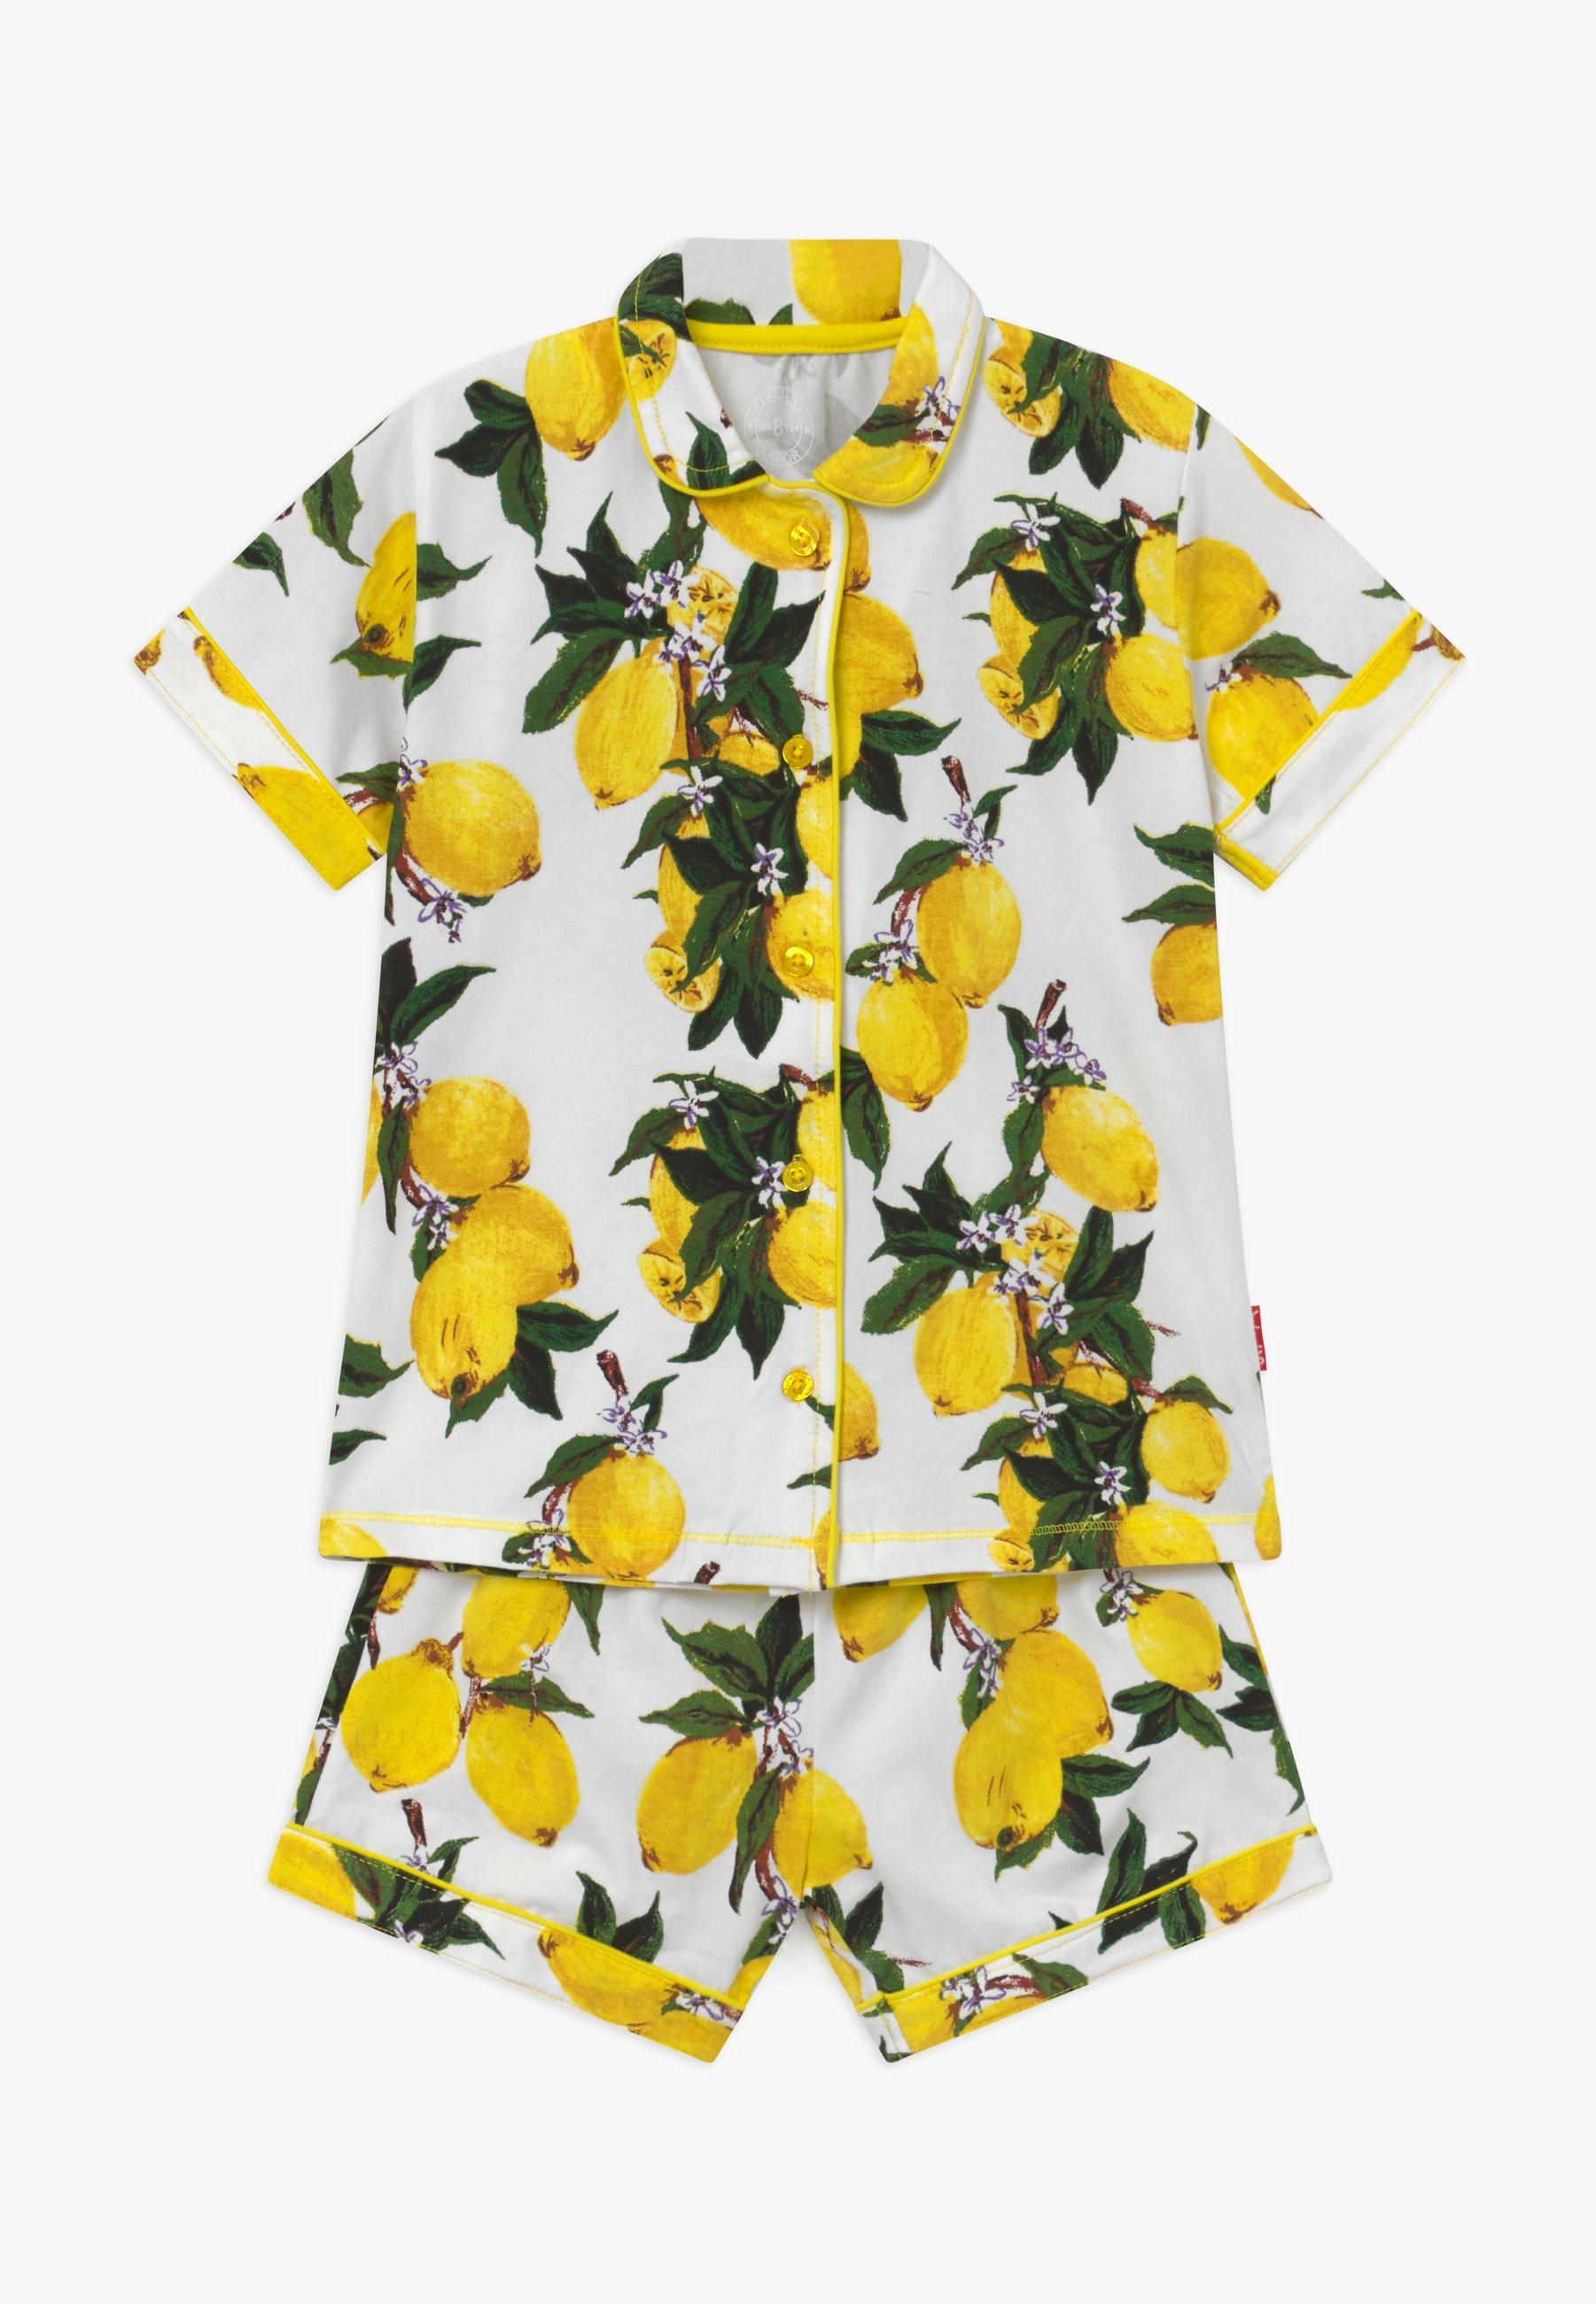 Kup najnowsze Zakupy Claesen's GIRLS - Piżama - lemon   Dzieci Odzież 2020 dwqRe